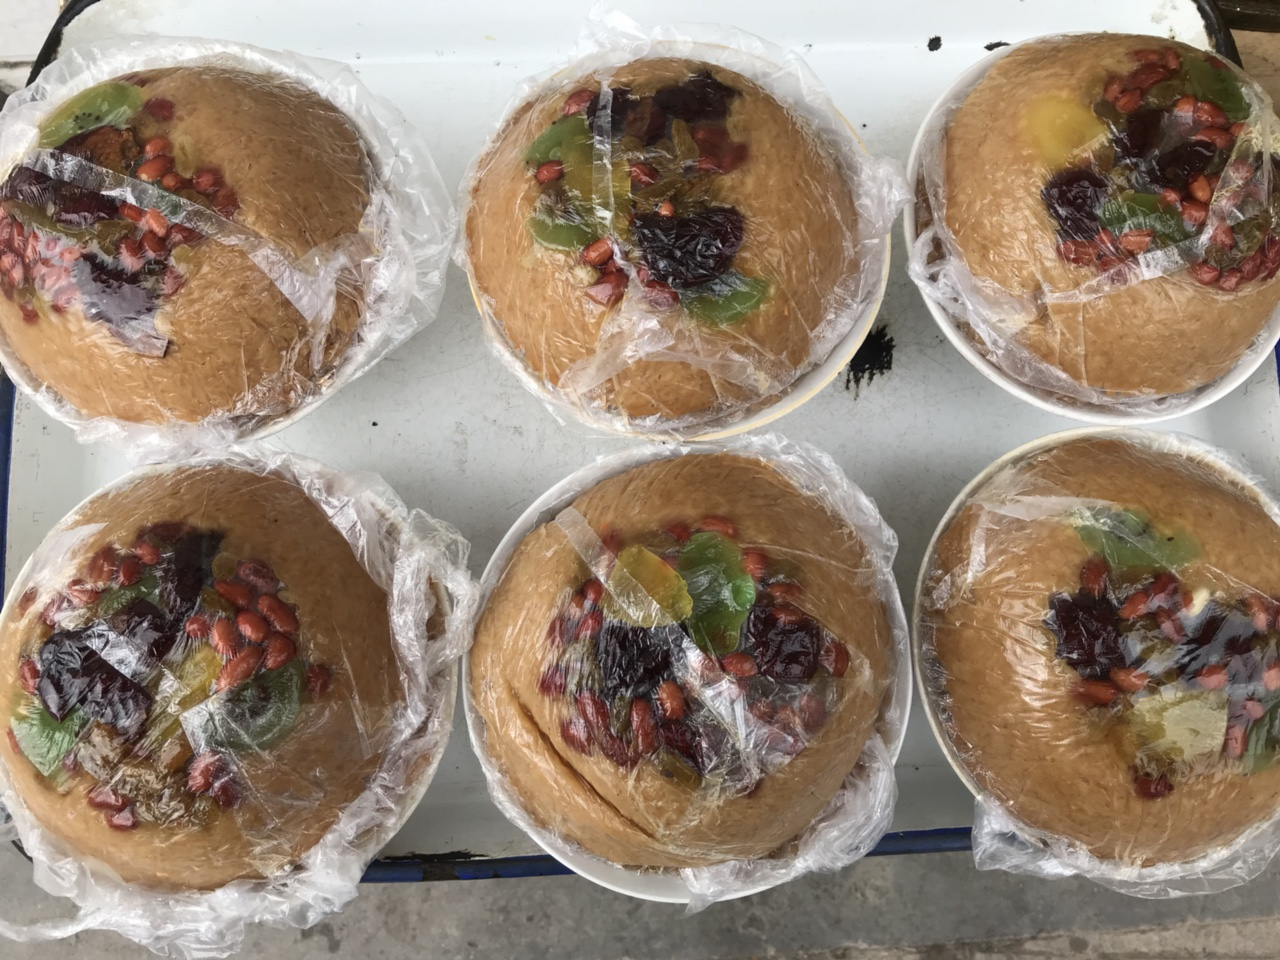 【舌尖上的张家川】星明楼八宝甜米和炸鱼去龙山的必卖品